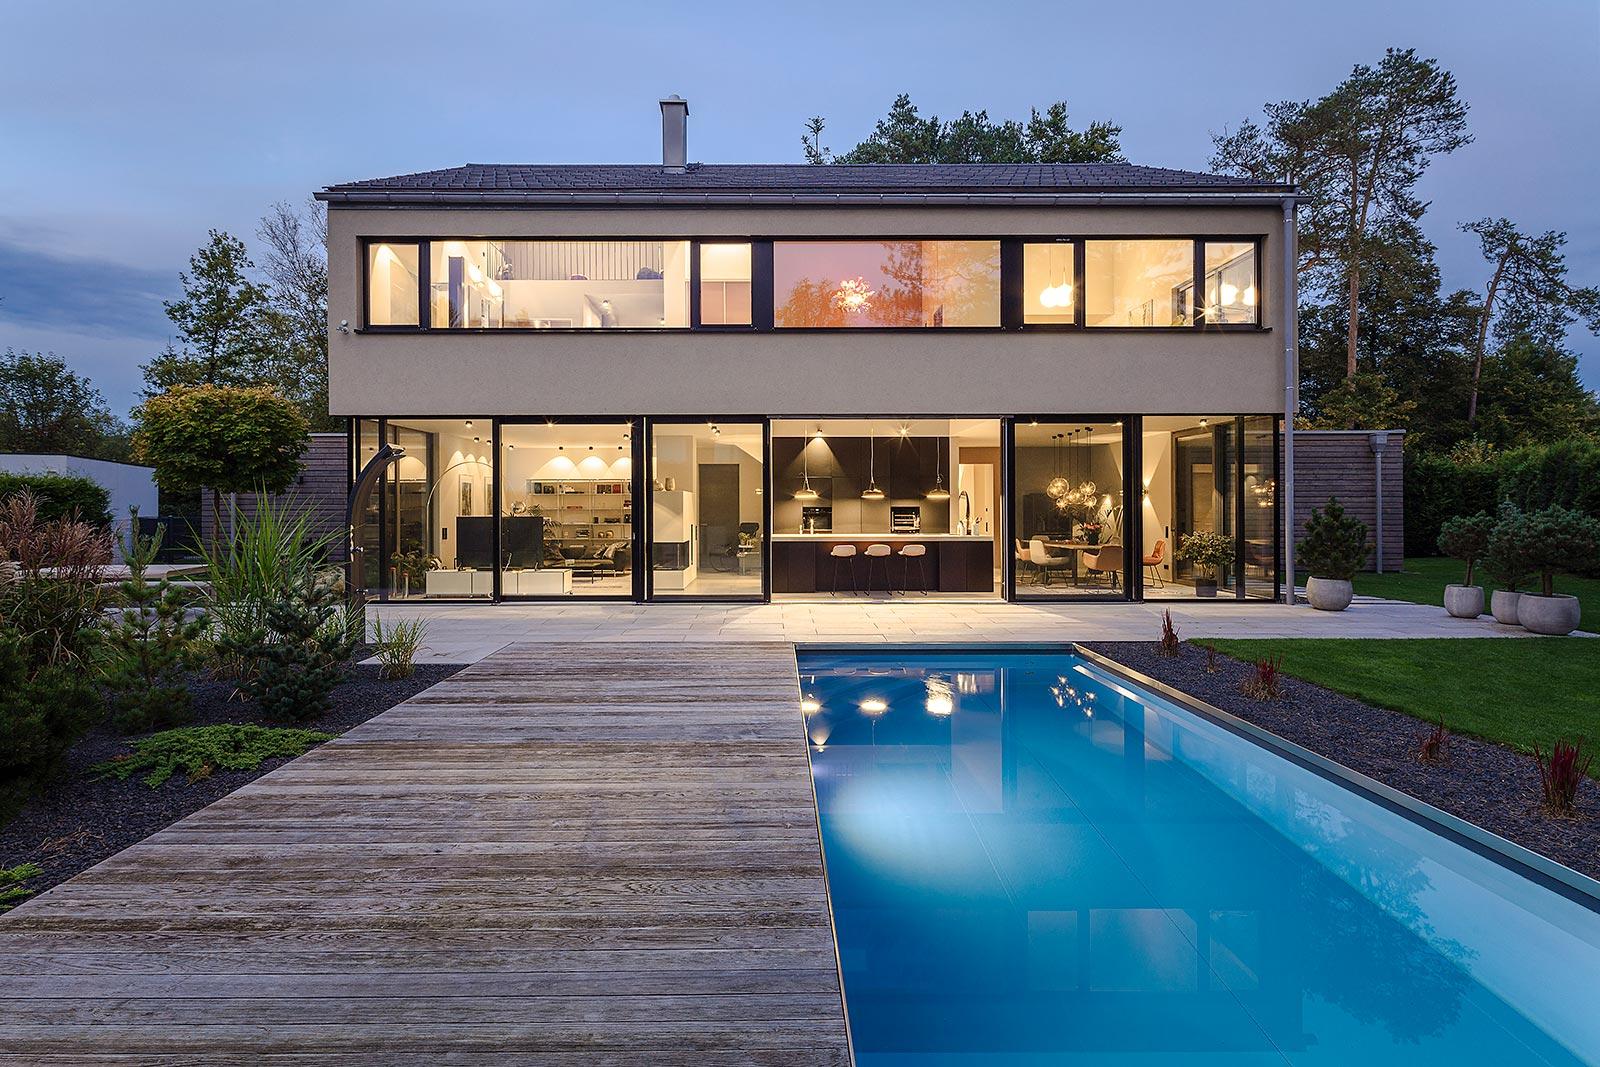 Architekturfoto Abendaufnahme in München